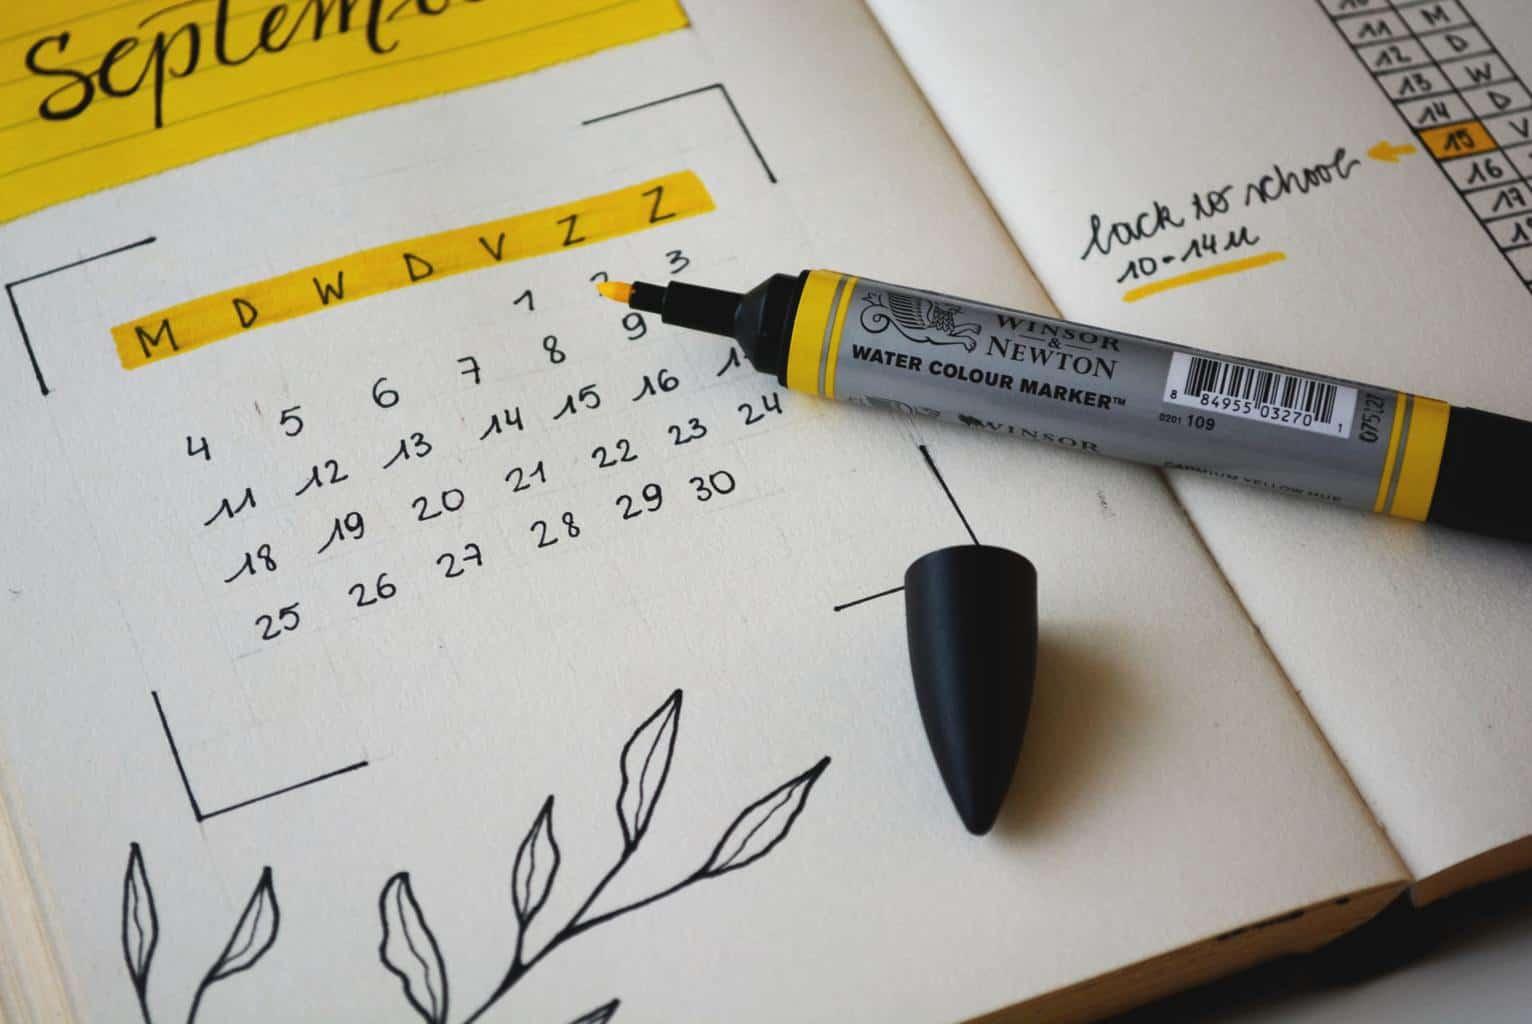 Calendar in notebook